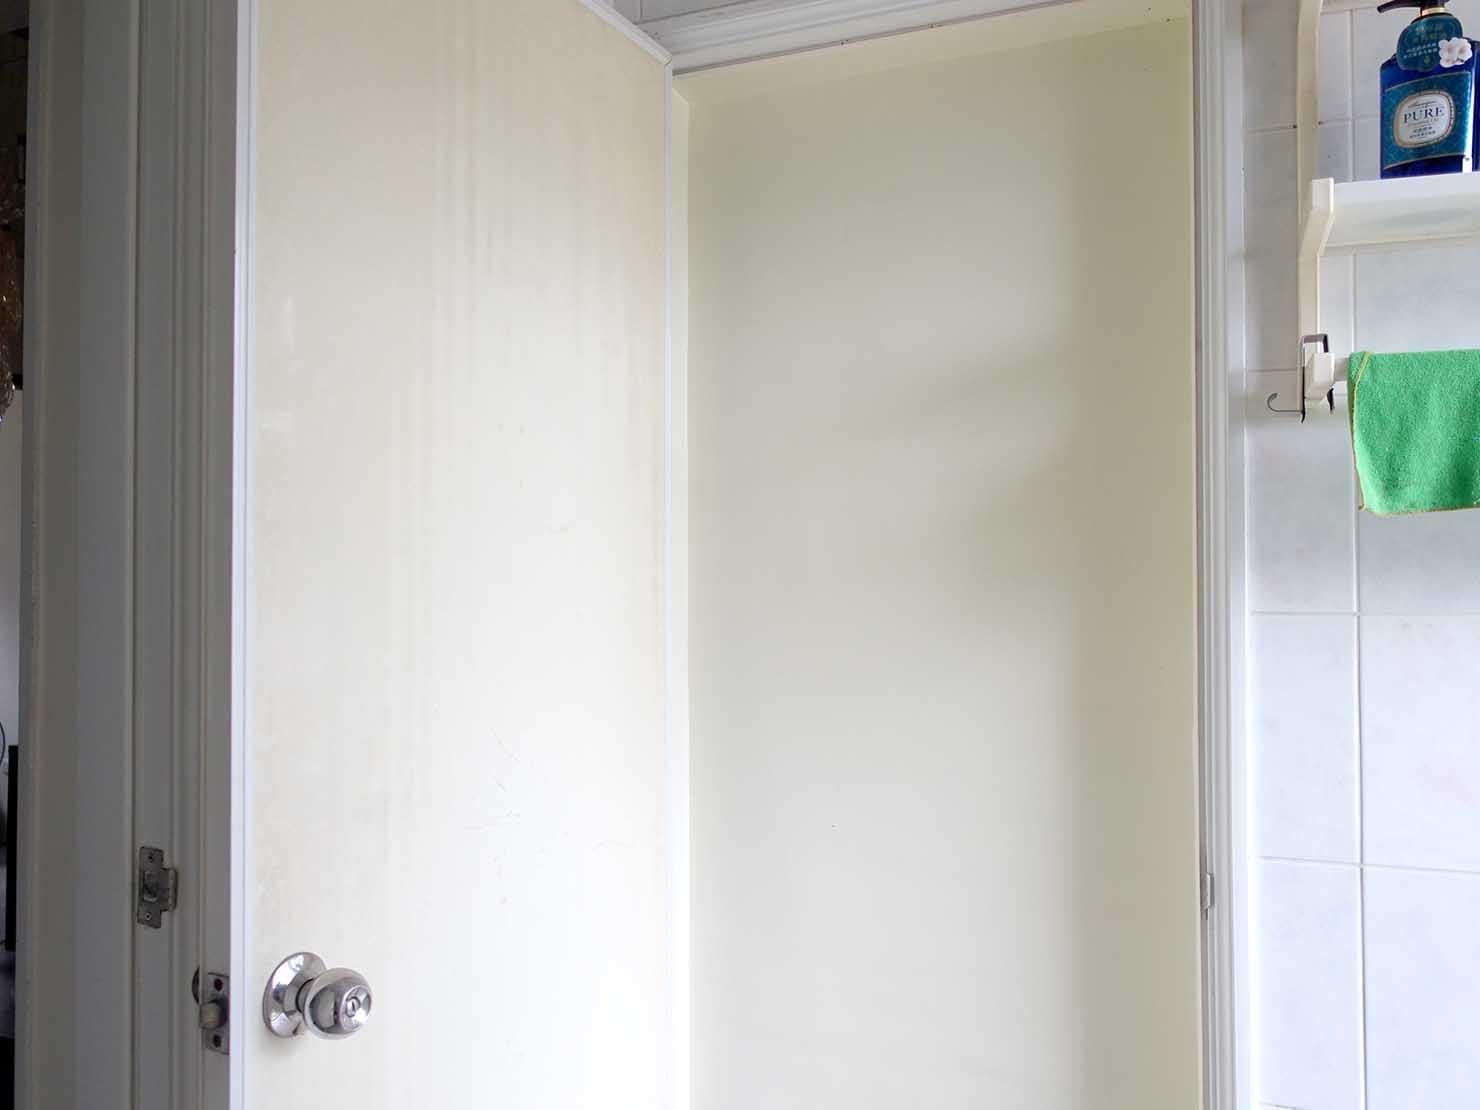 台北で台湾人彼氏と僕がルームシェアしている部屋のバスルーム内にある扉2を開けた様子